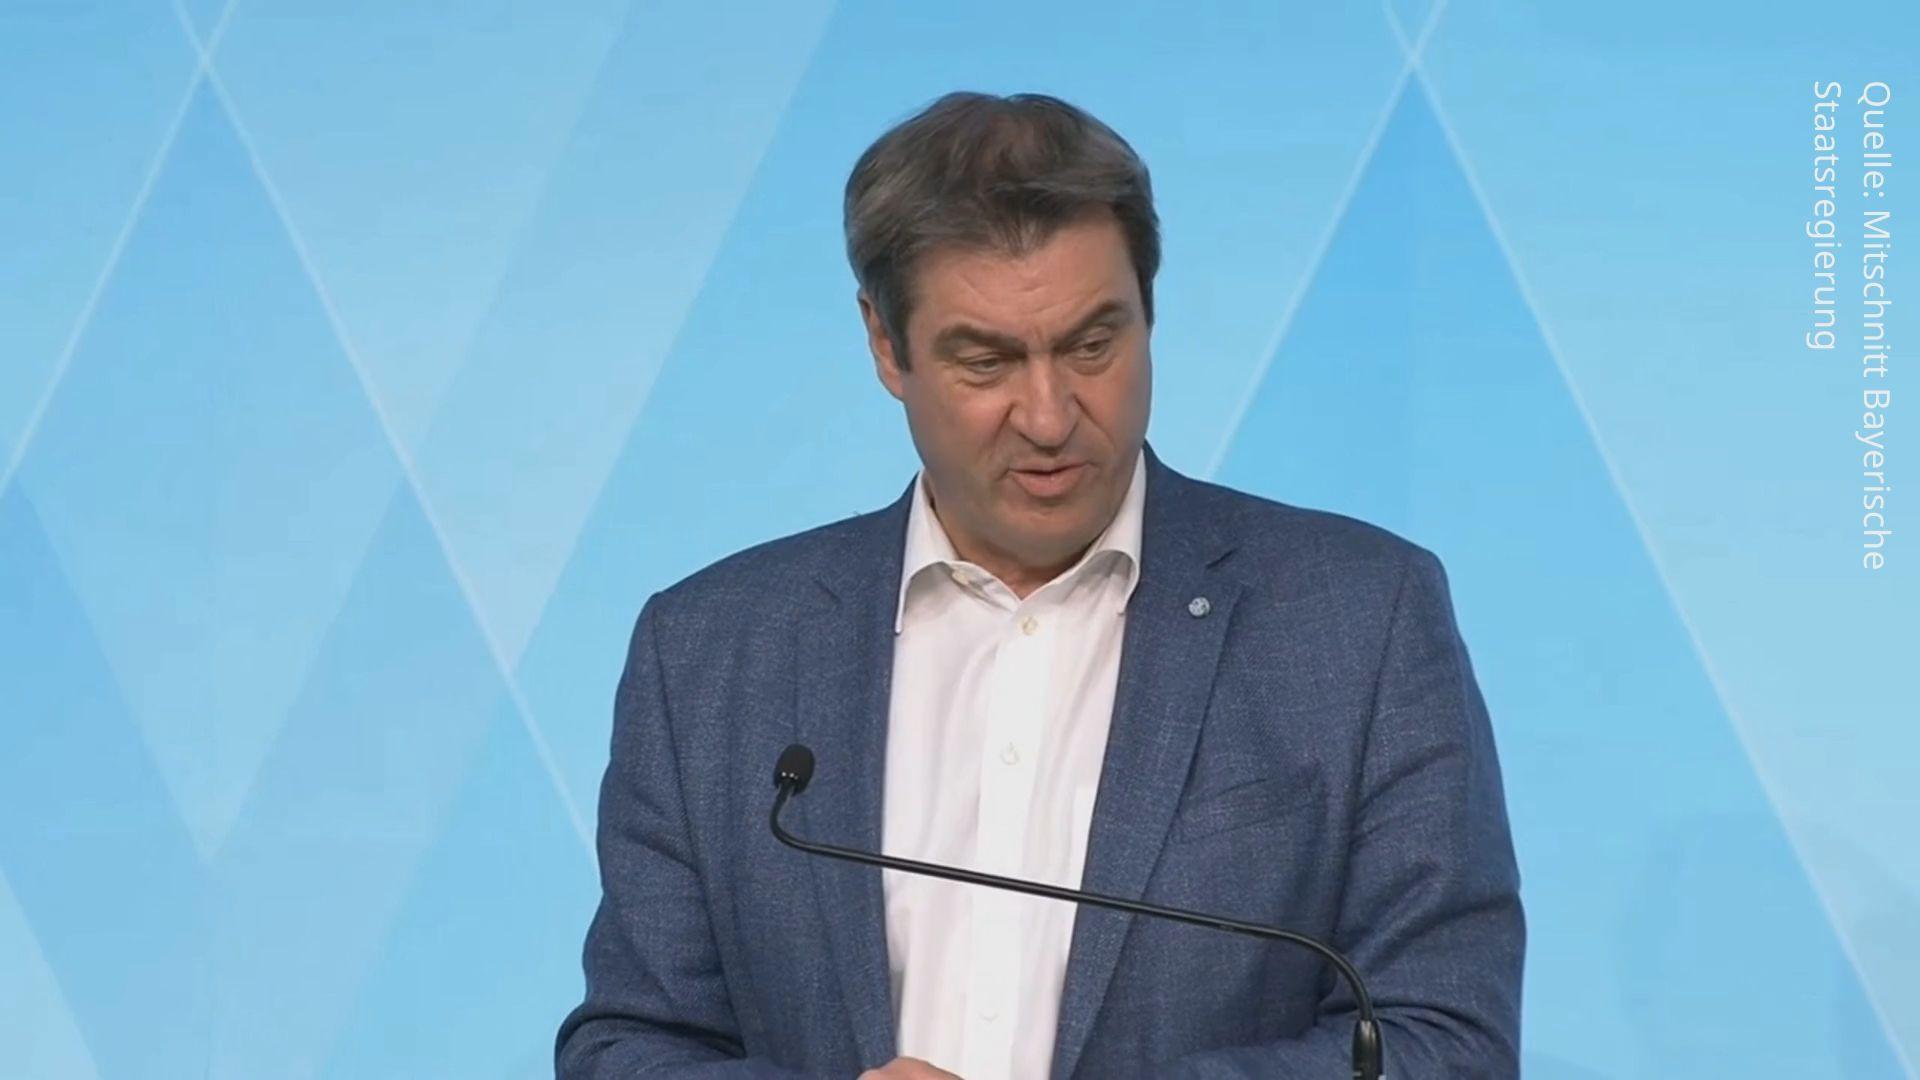 Bayern verschiebt ALLE geplanten Corona-Öffnungen – Zudem Verschärfung für Schulen